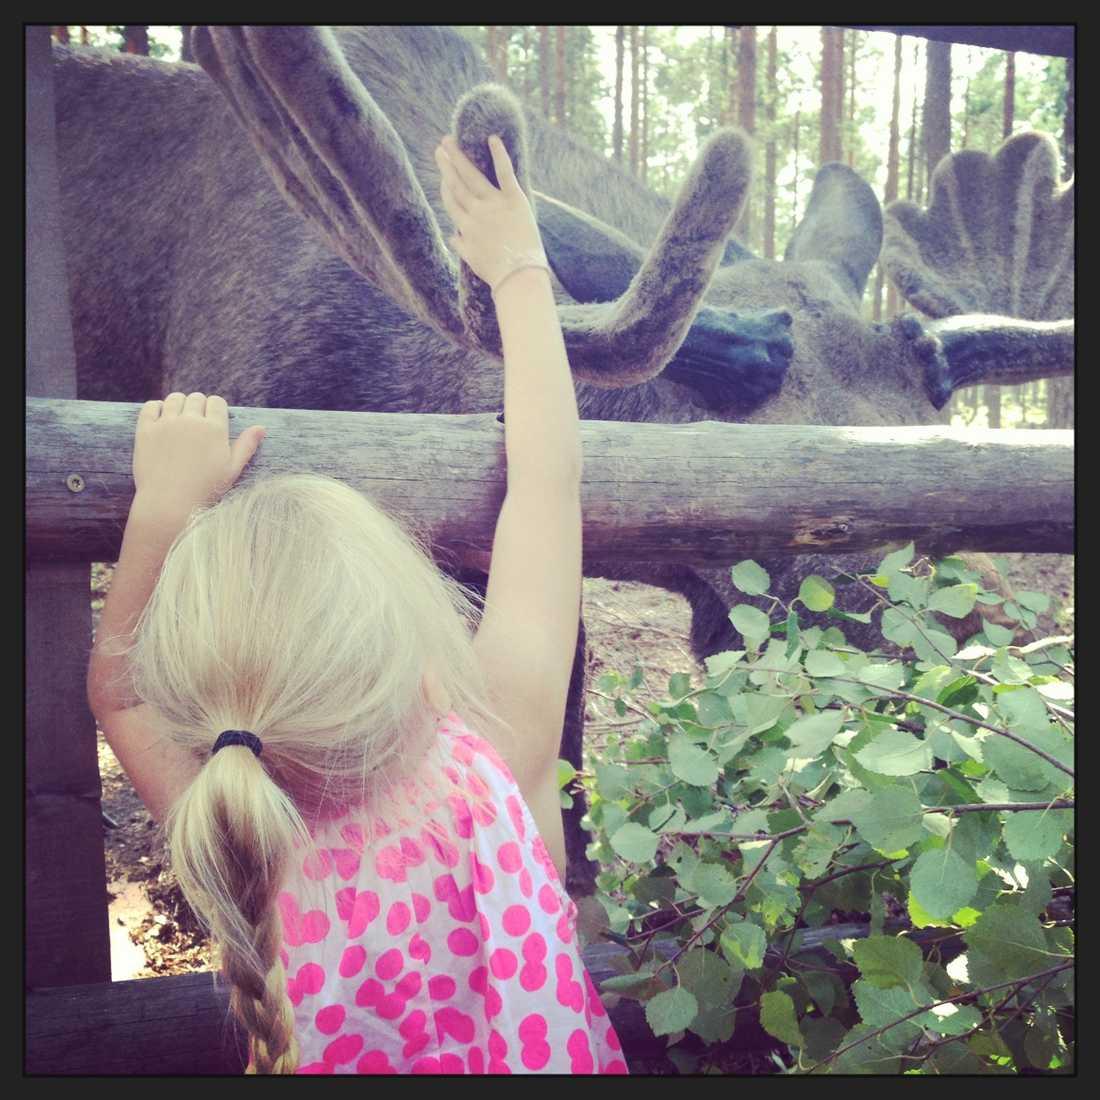 En modig liten tjej som vågade klappa den stora älgen när vi besökte rörbäcksnäs älgsafari.